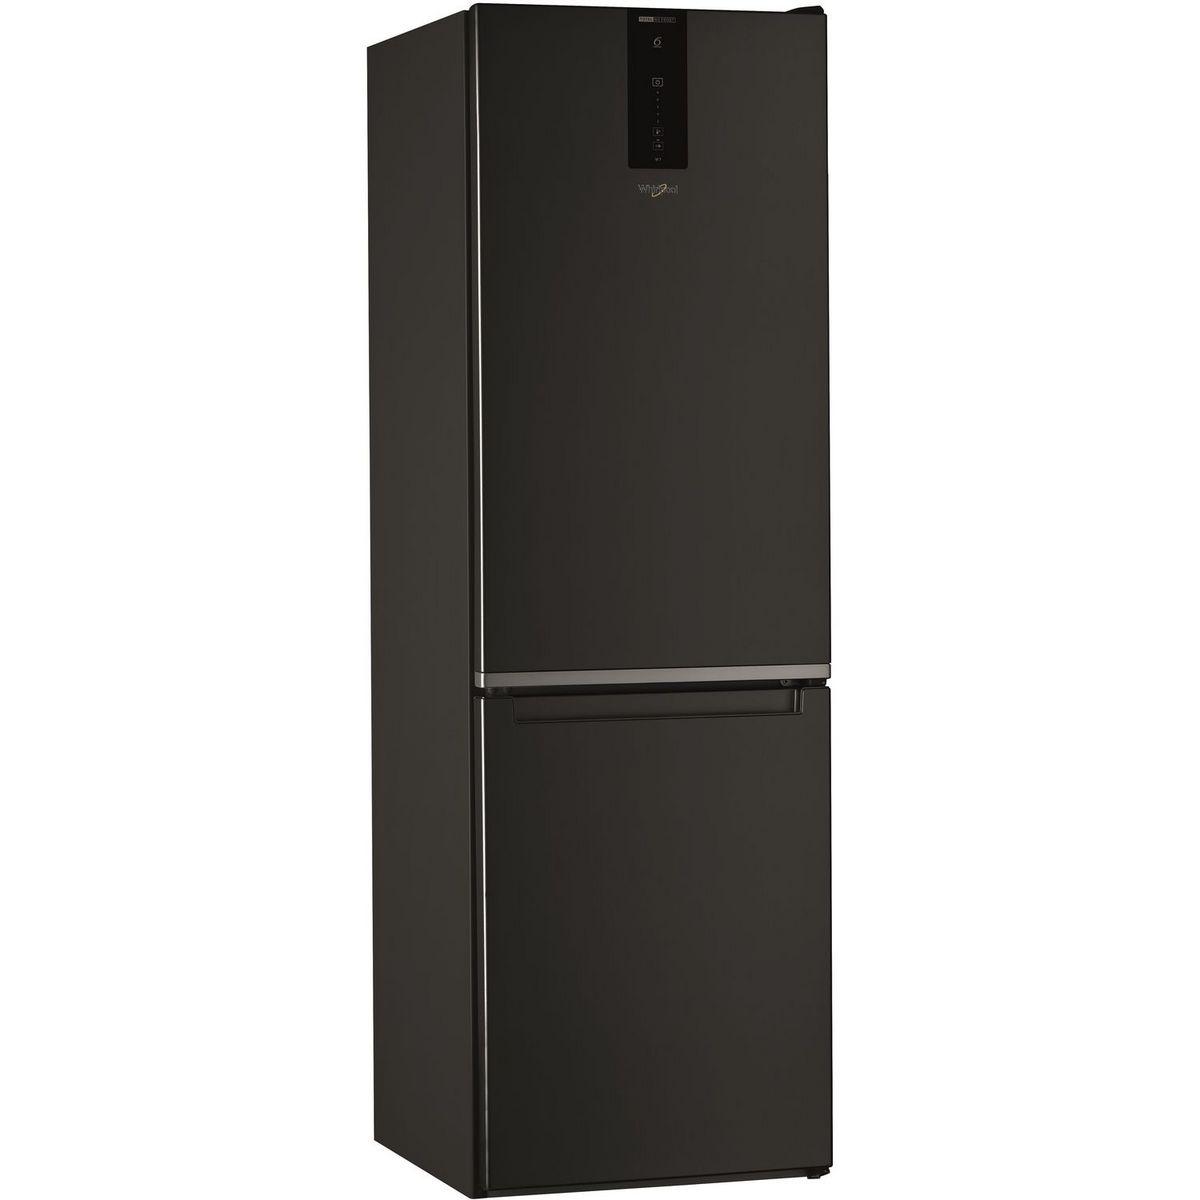 Réfrigérateur combiné W7821OK, 338 L, Froid No Frost